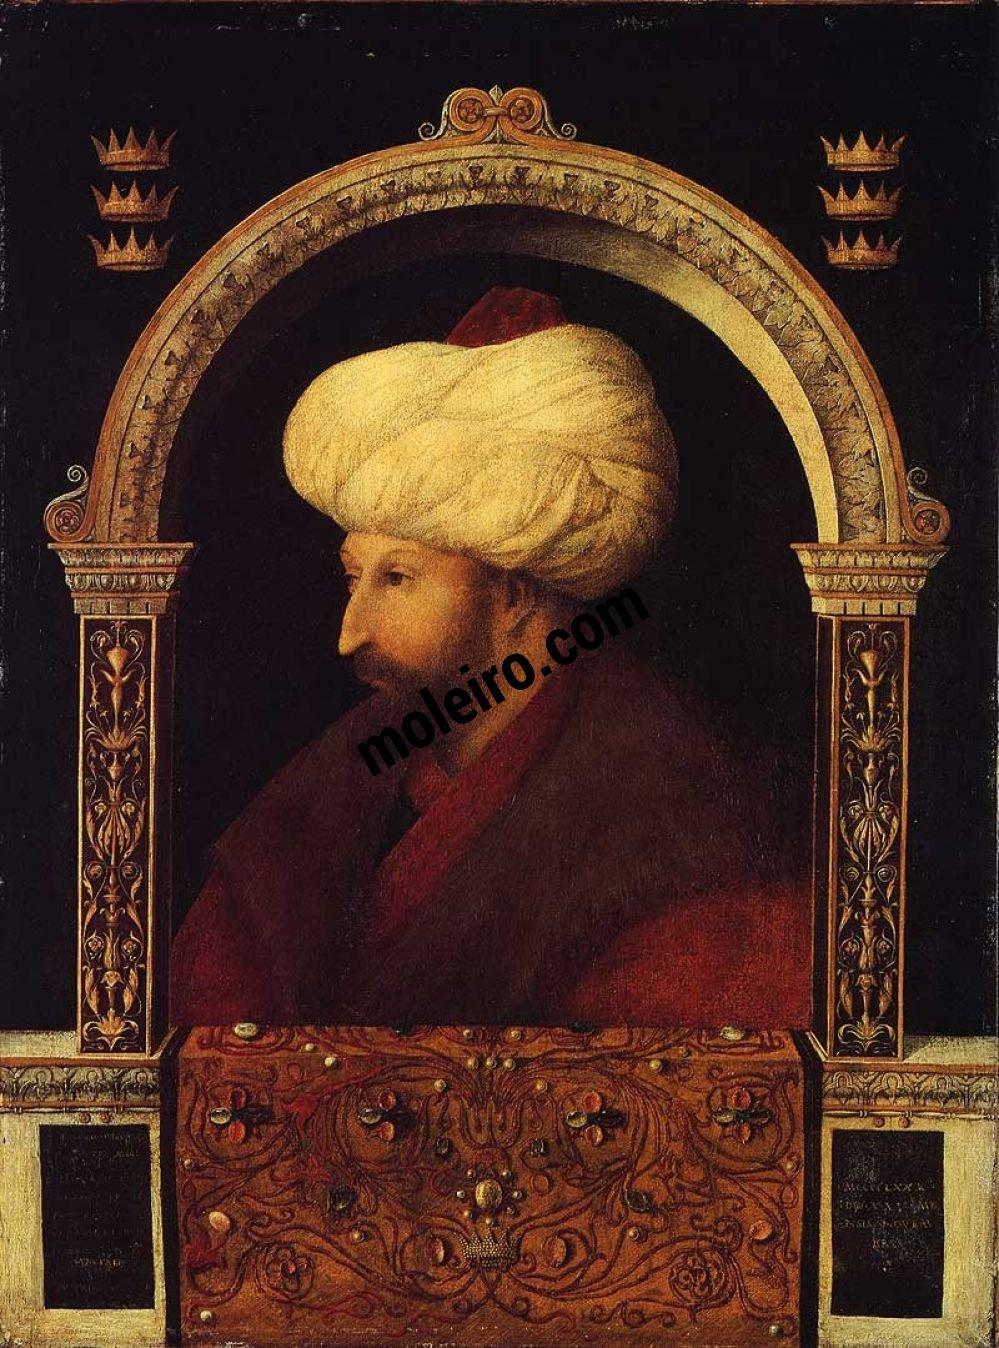 Talleres del Renacimiento Gentile Bellini,Retrato de Mehmet II, Londres, National Gallery.